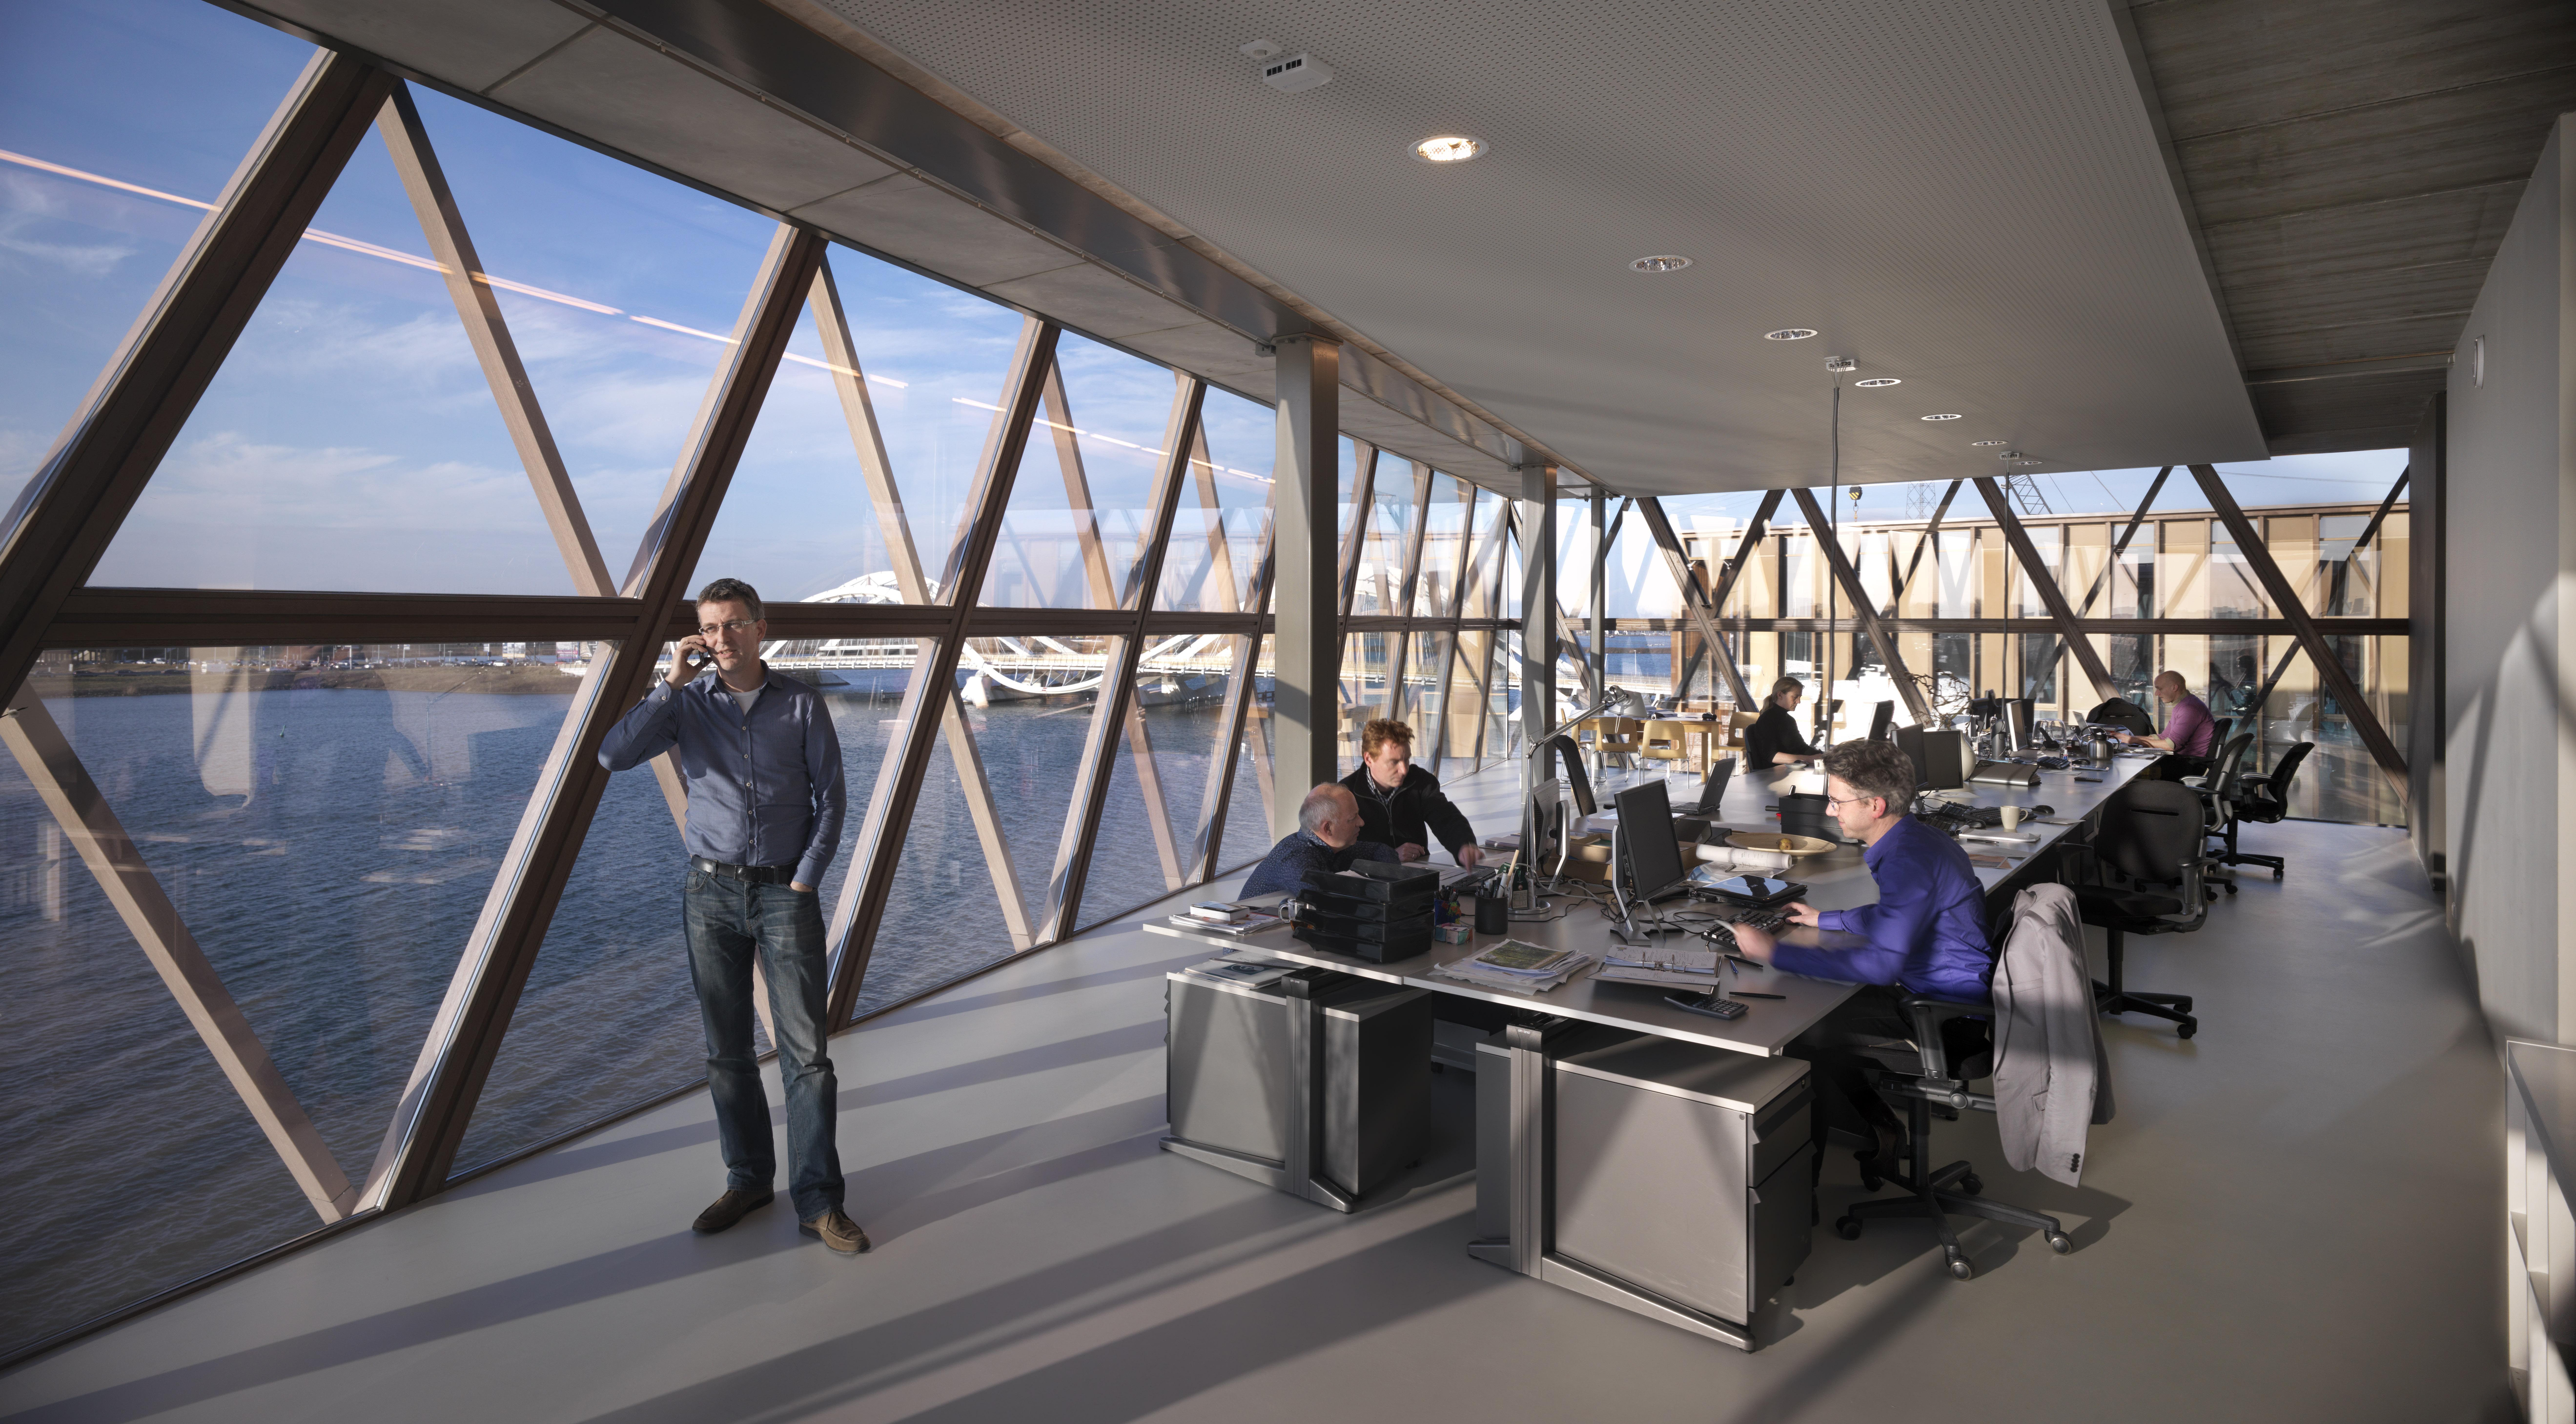 Profiel harvey otten architectuur stedenbouw breed advies for Kantoor architect